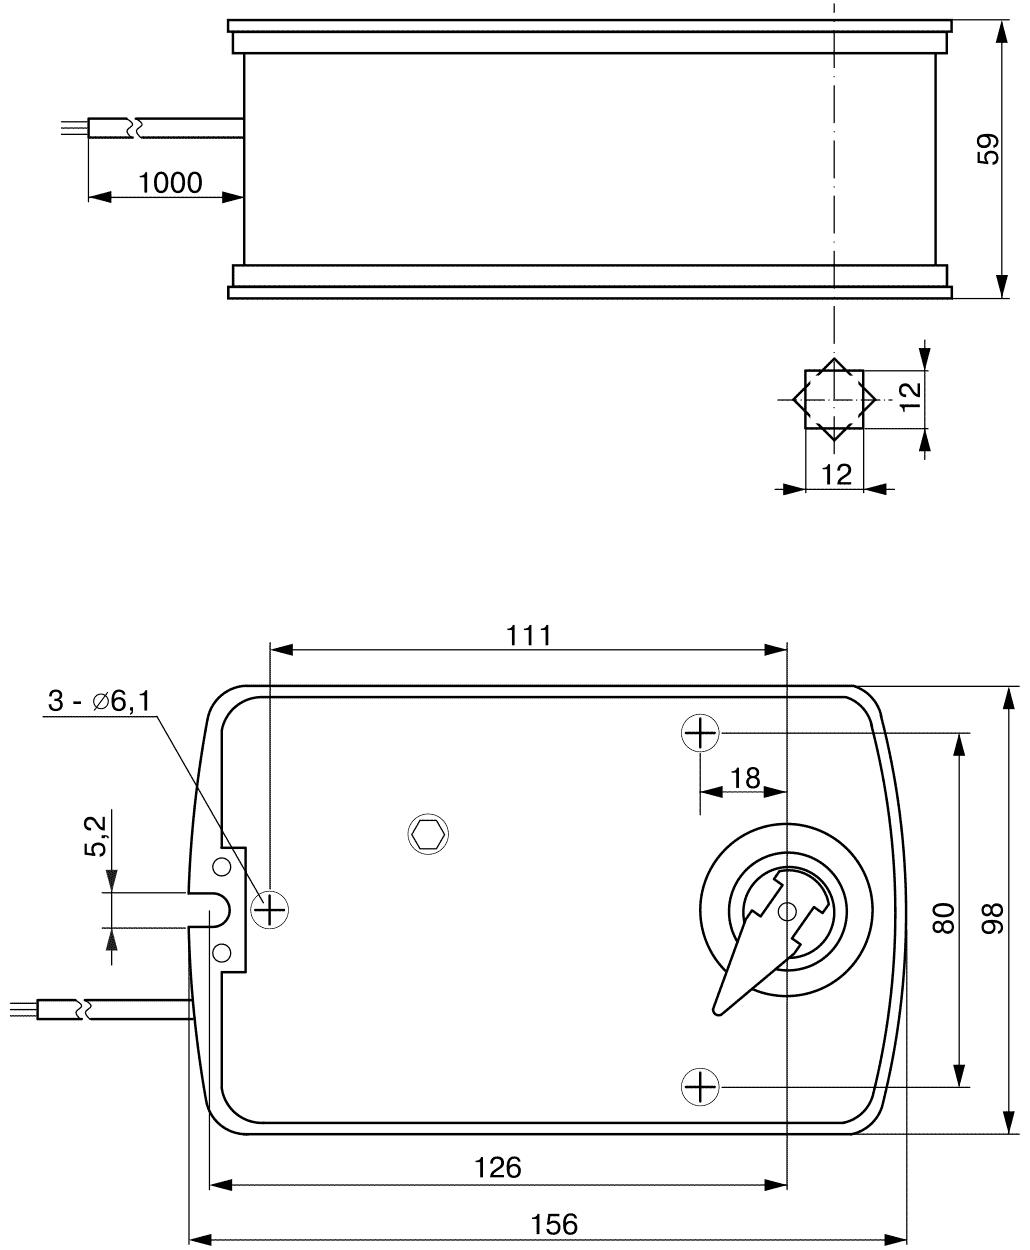 Габаритные размеры электропривода TASA2-10S 10Нм/230В клапана дымоудаления